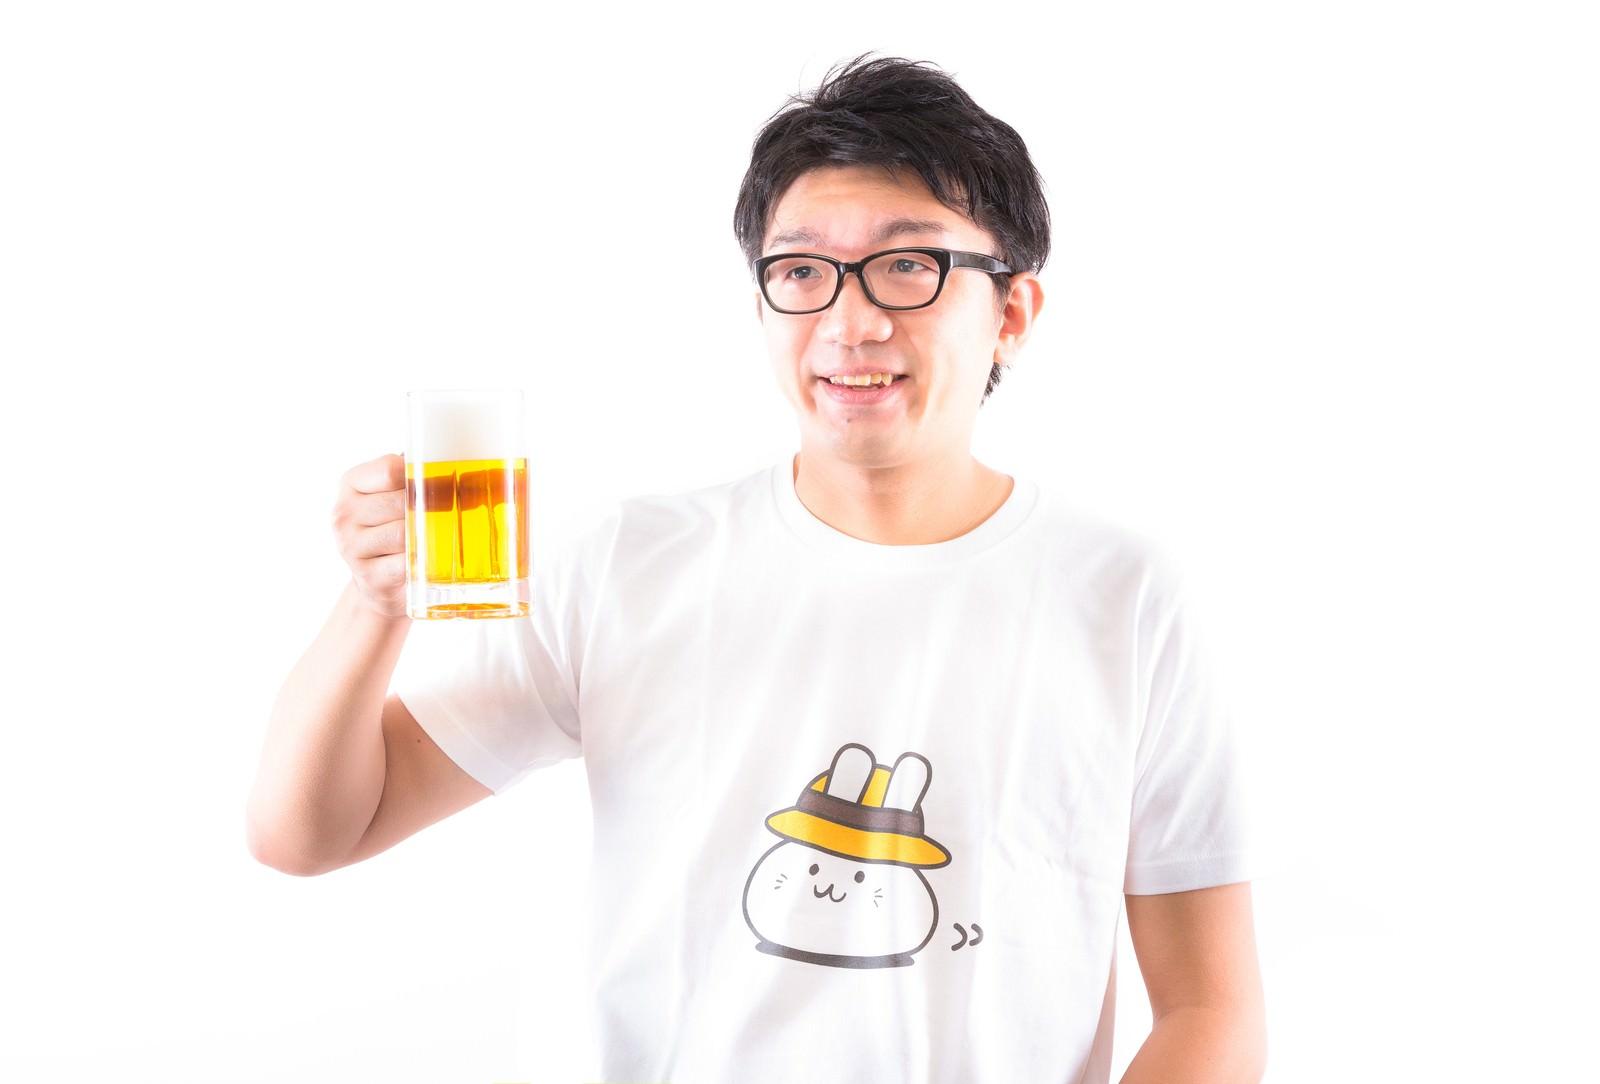 「ただいま~ とりあえずビールで! 糖質、プリン体、気にしない」の写真[モデル:OZPA]